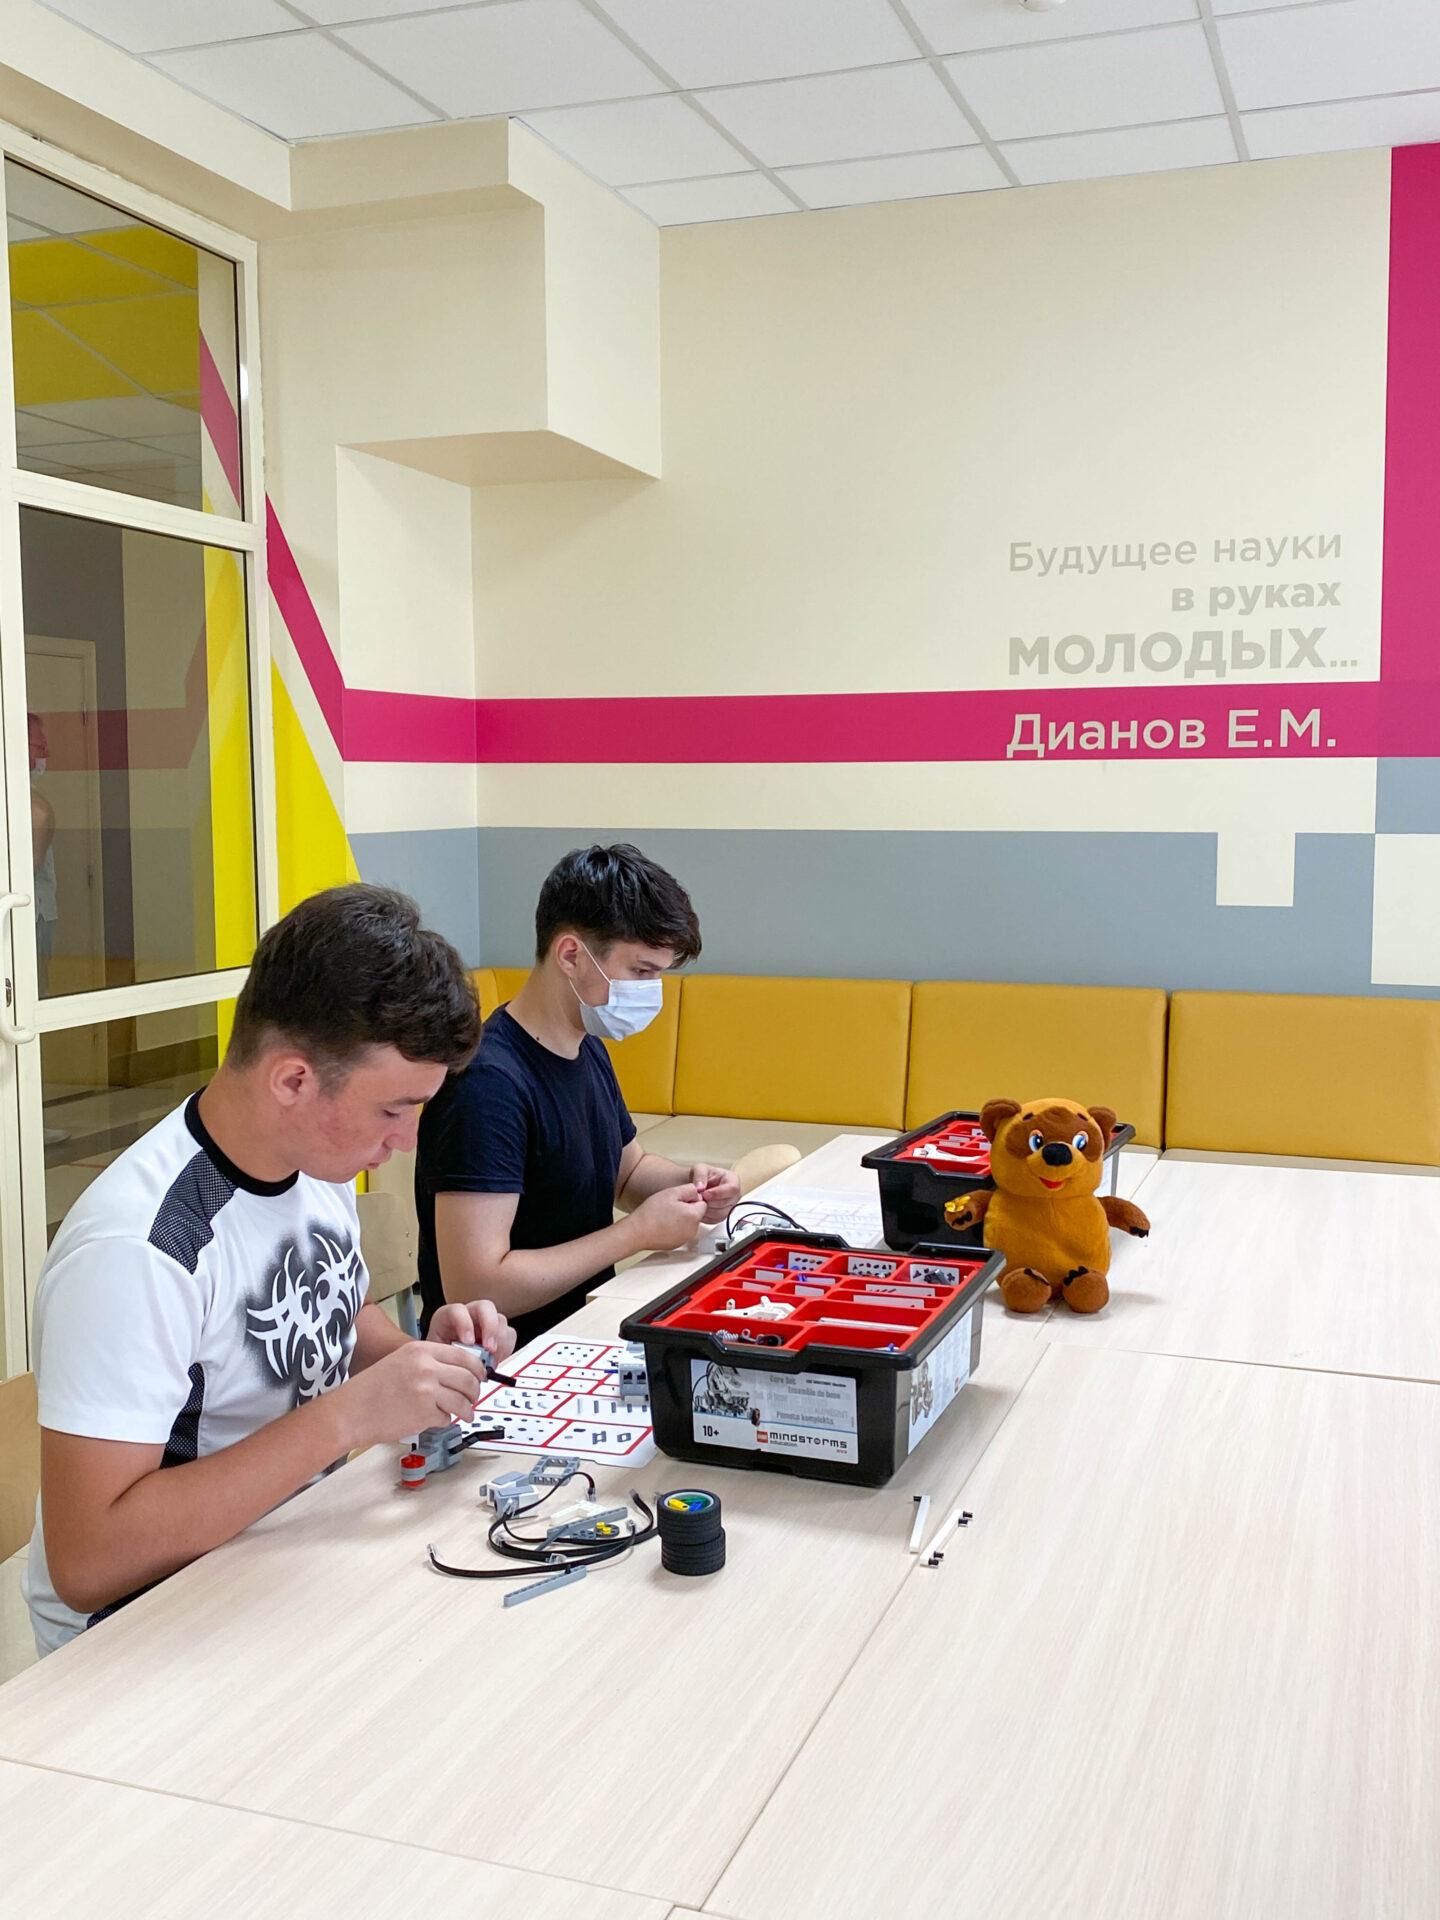 Образовательная экспедиция СОТ в Республику Мордовию: занятия на базе Национального исследовательского университета